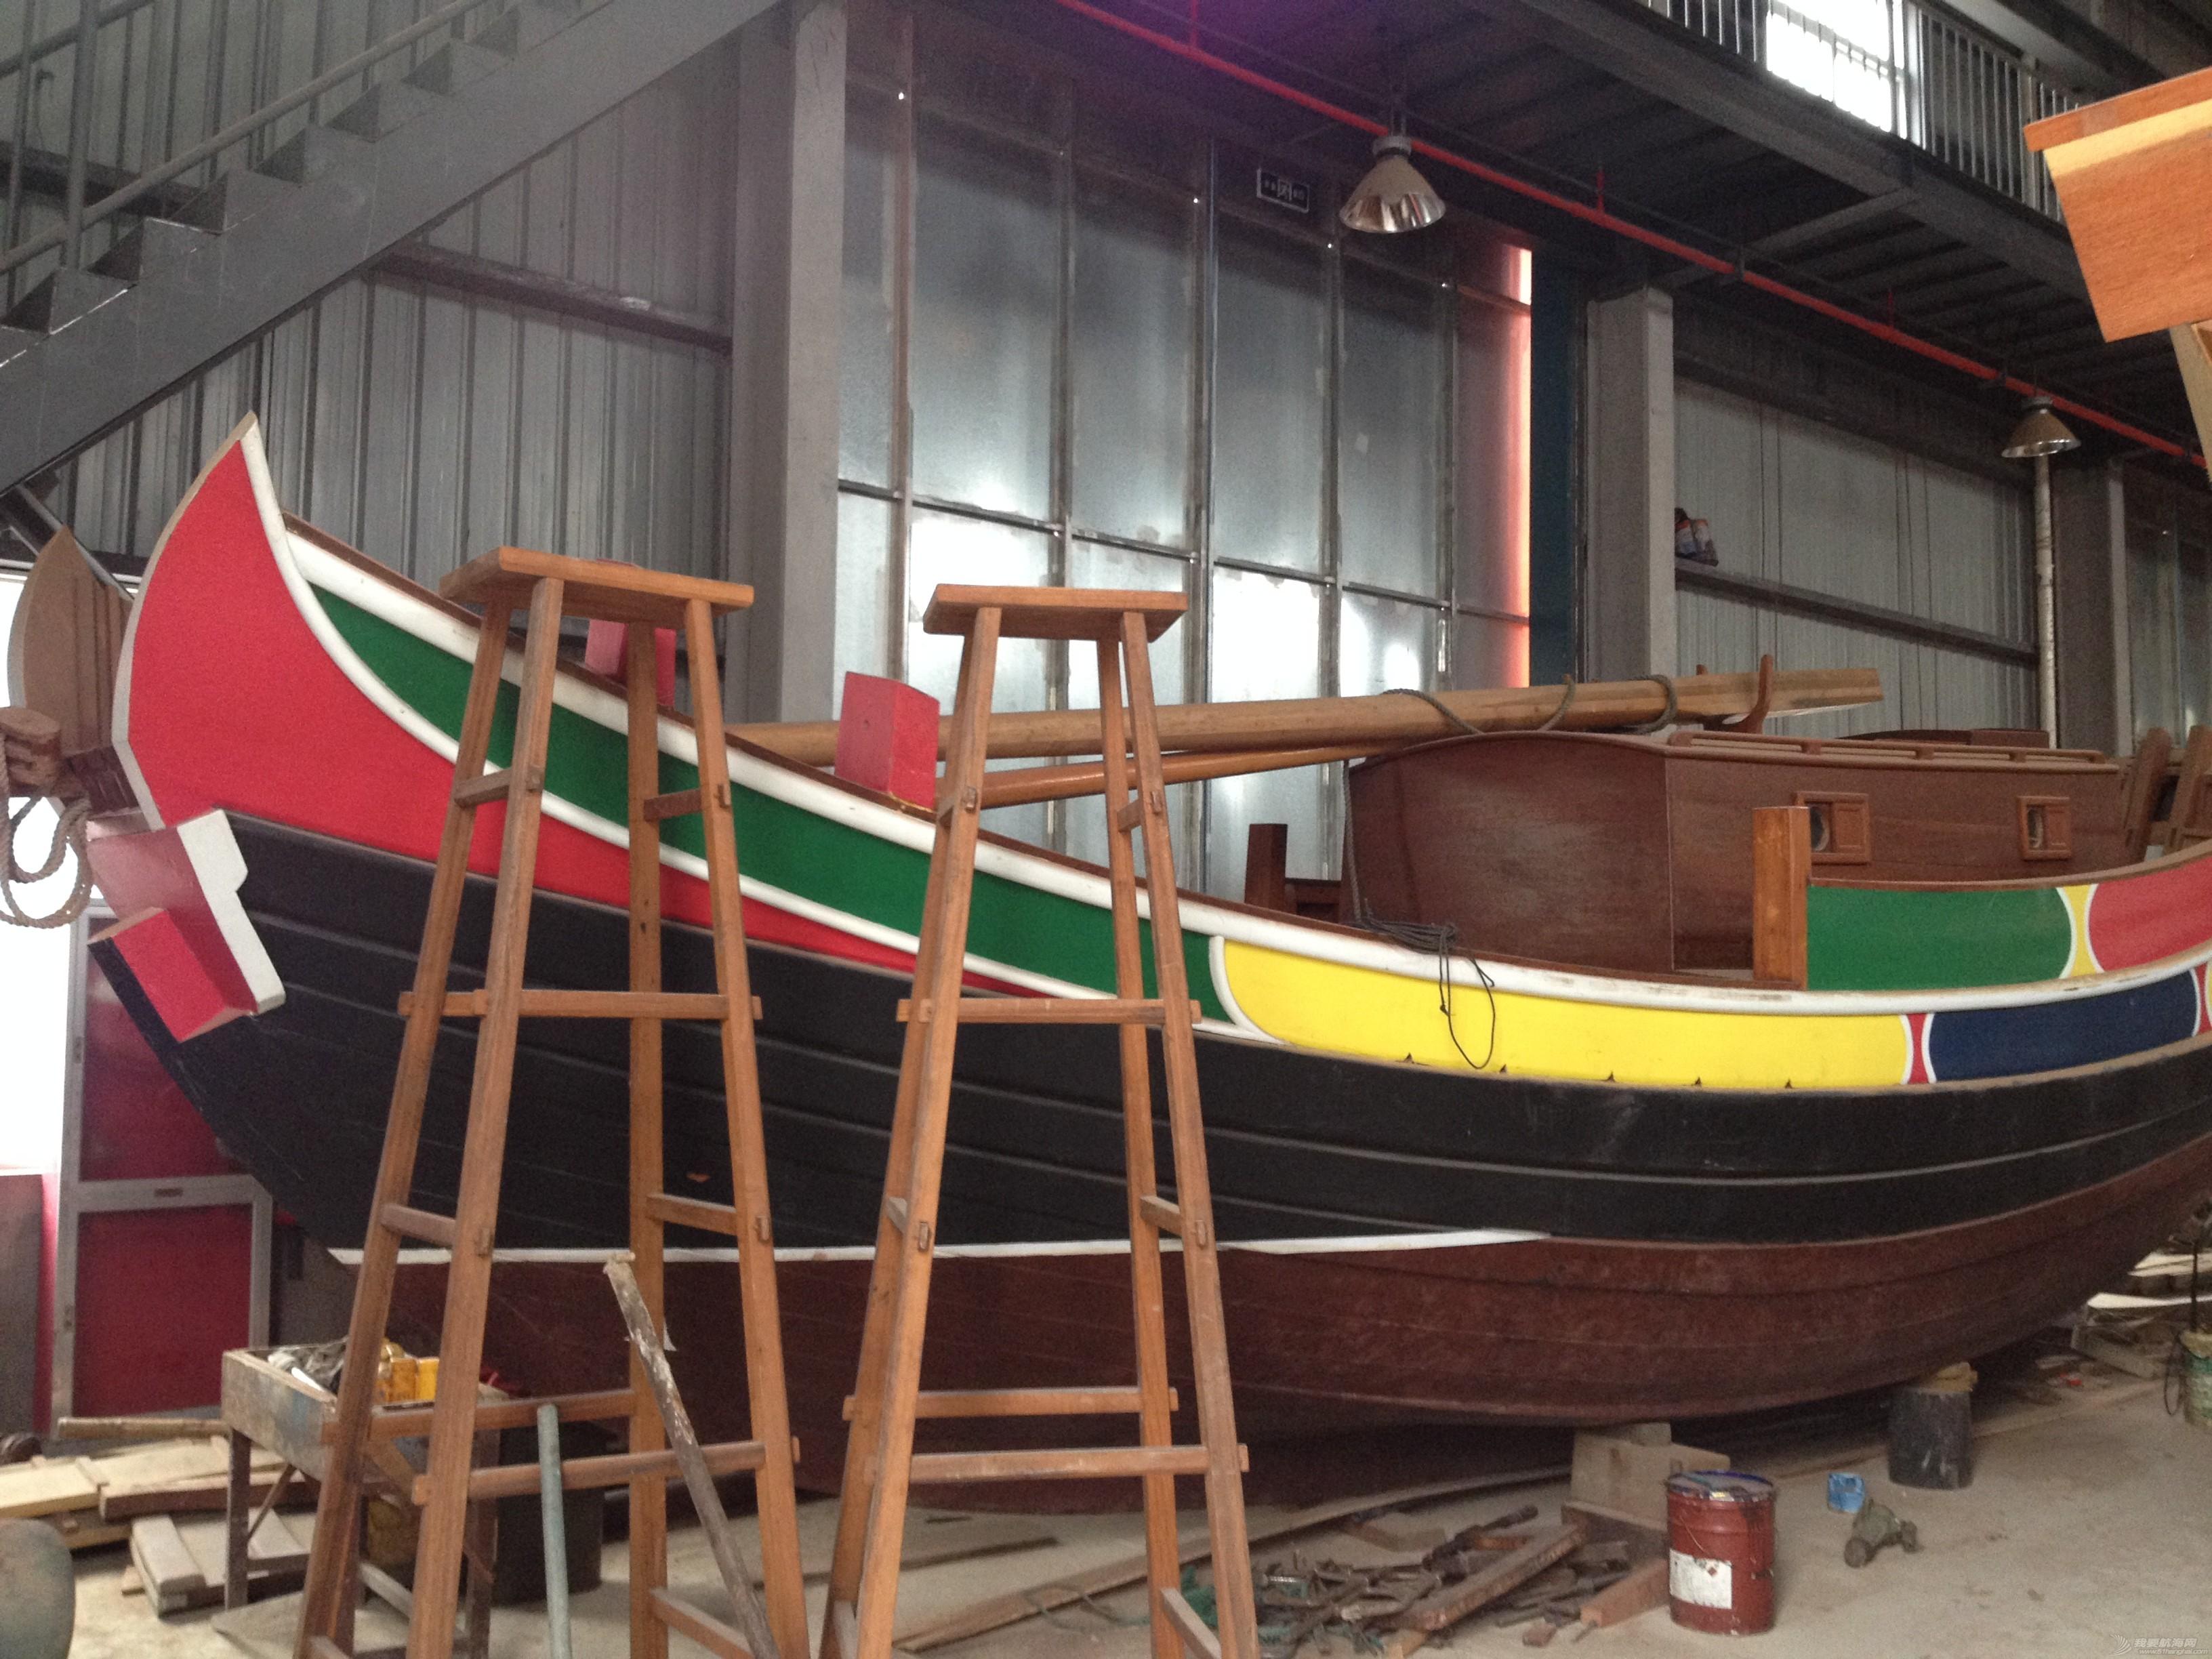 中式风格,交通运输,造船厂,朱家尖,对抗赛 全球首次中式帆船比赛可能会在舟山举行 IMG_7876.JPG